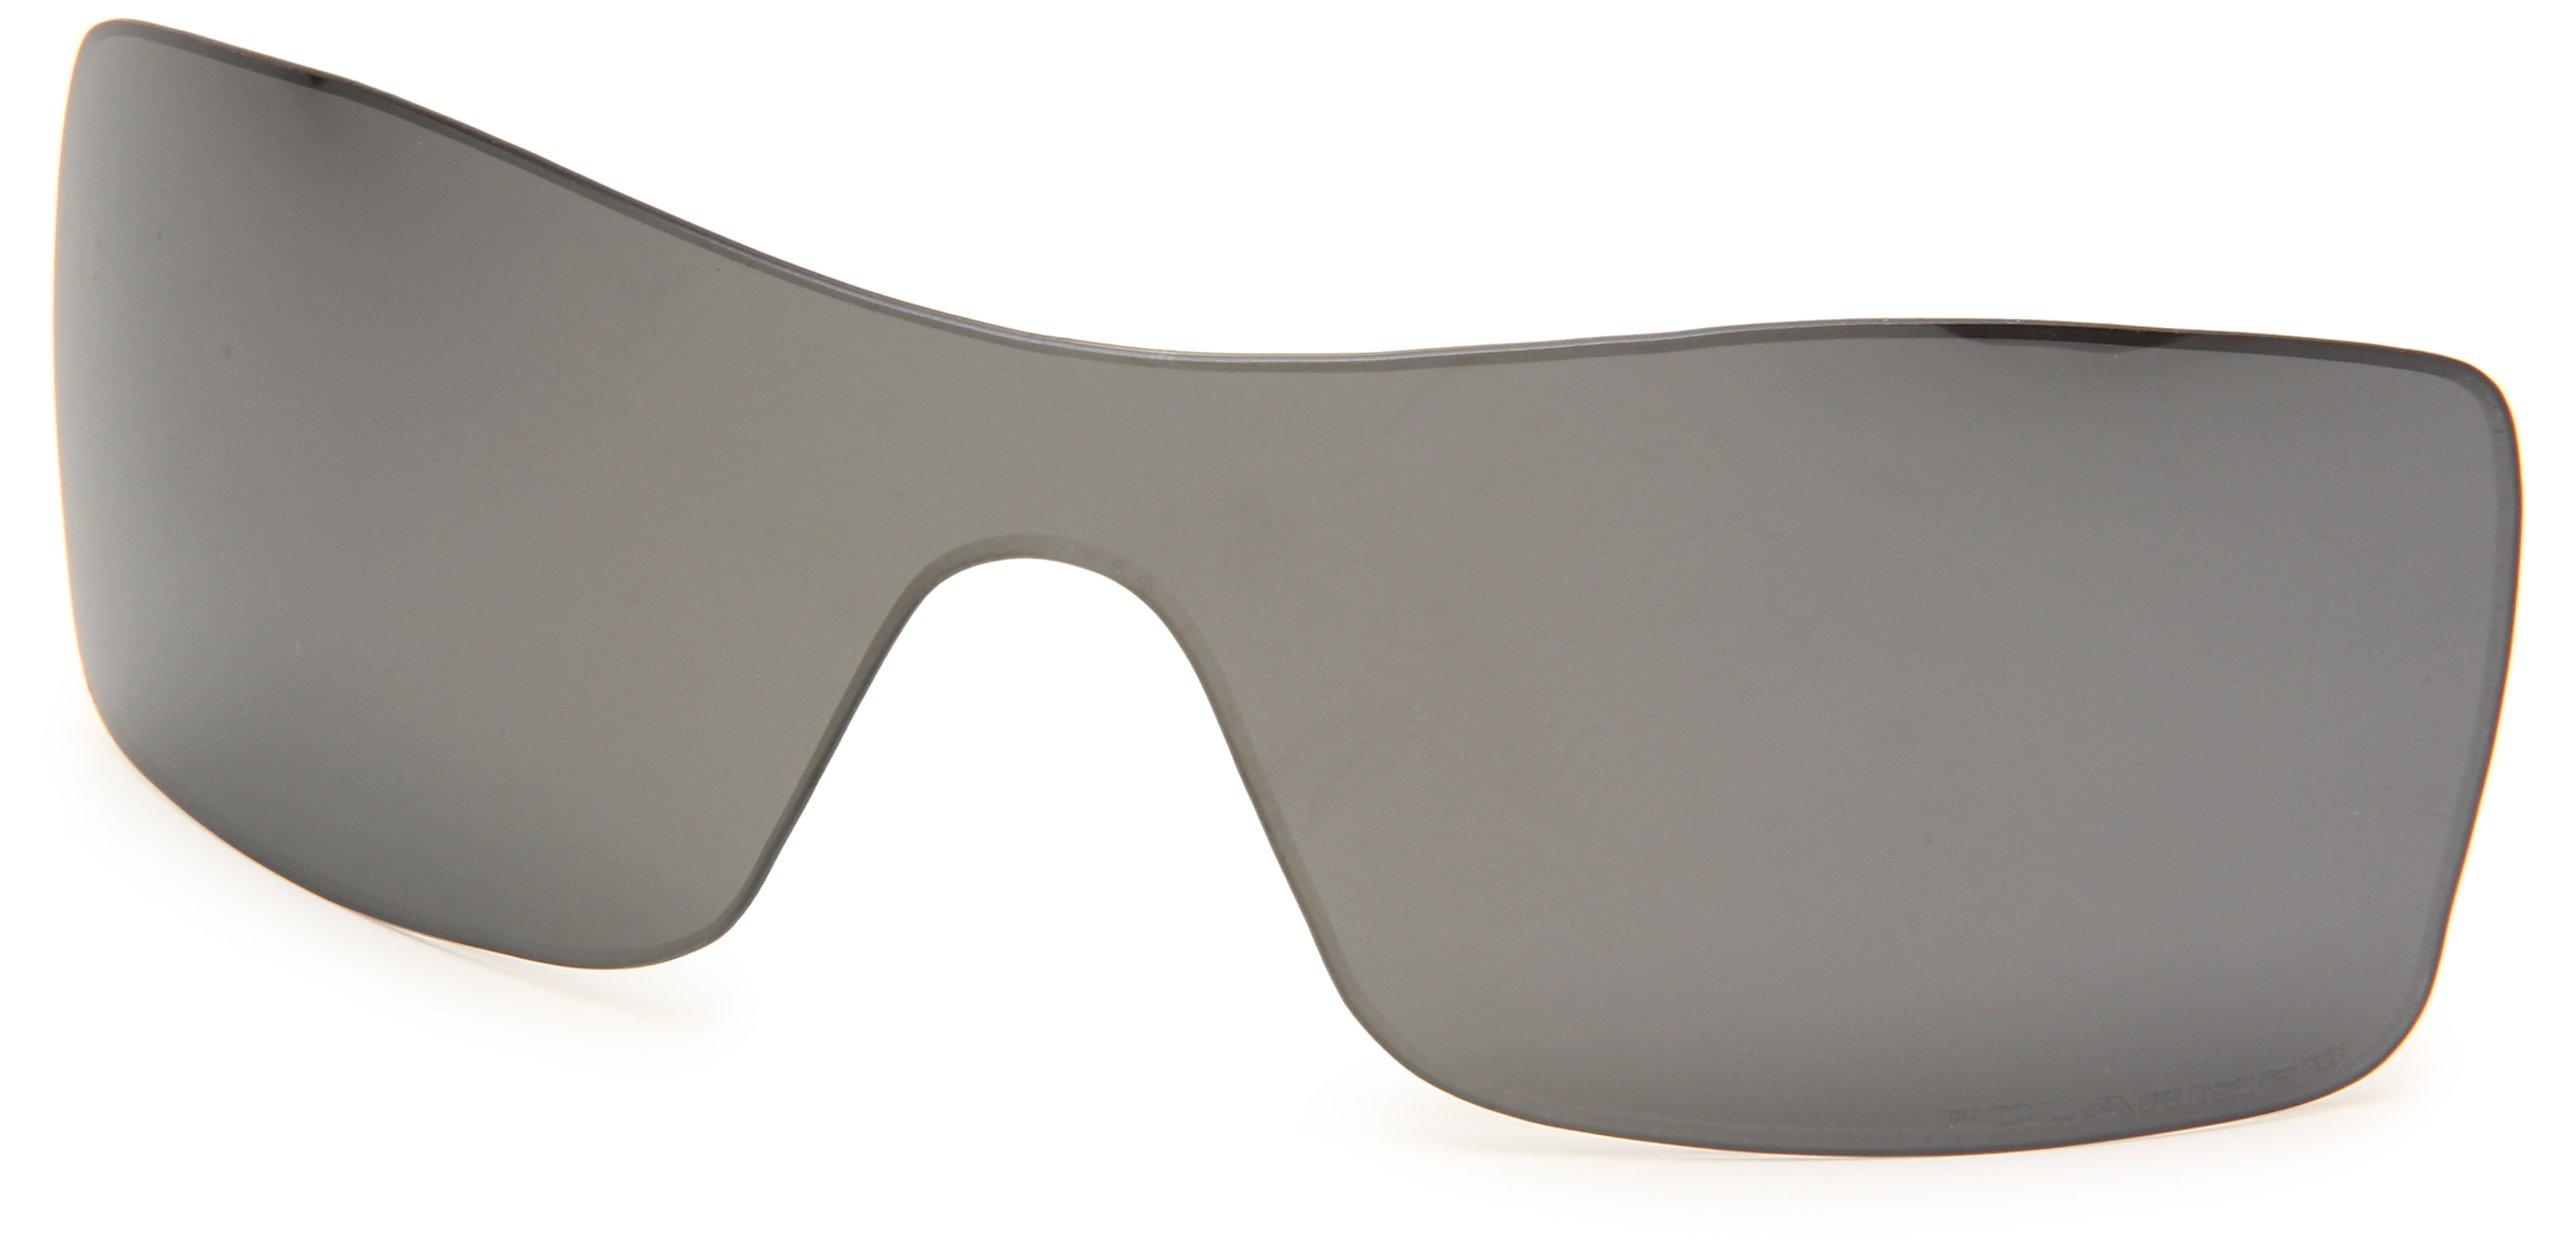 Oakley Batwolf 43-352 Polarized Replacement Lens Kit,Multi Frame/Black Lens, 127mm